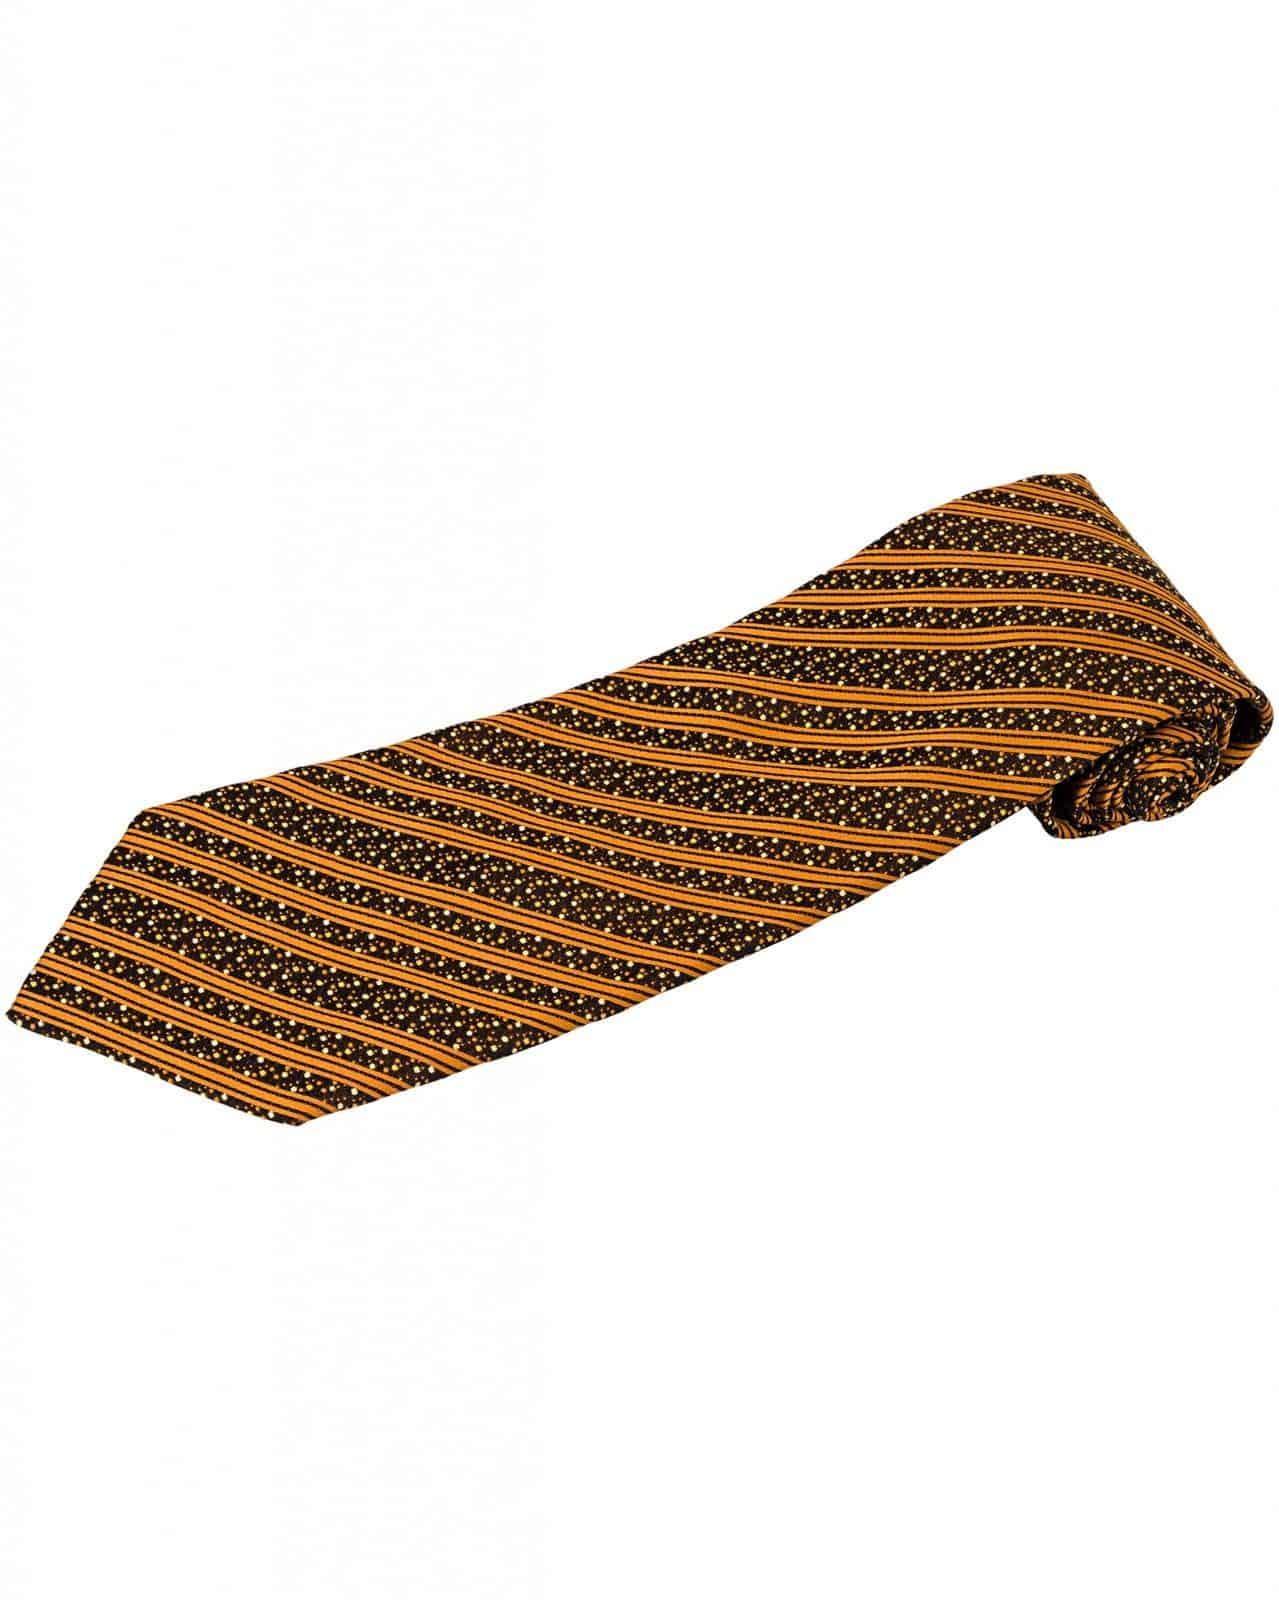 ZILLI – 100% Silk Tie Brown 5379V05